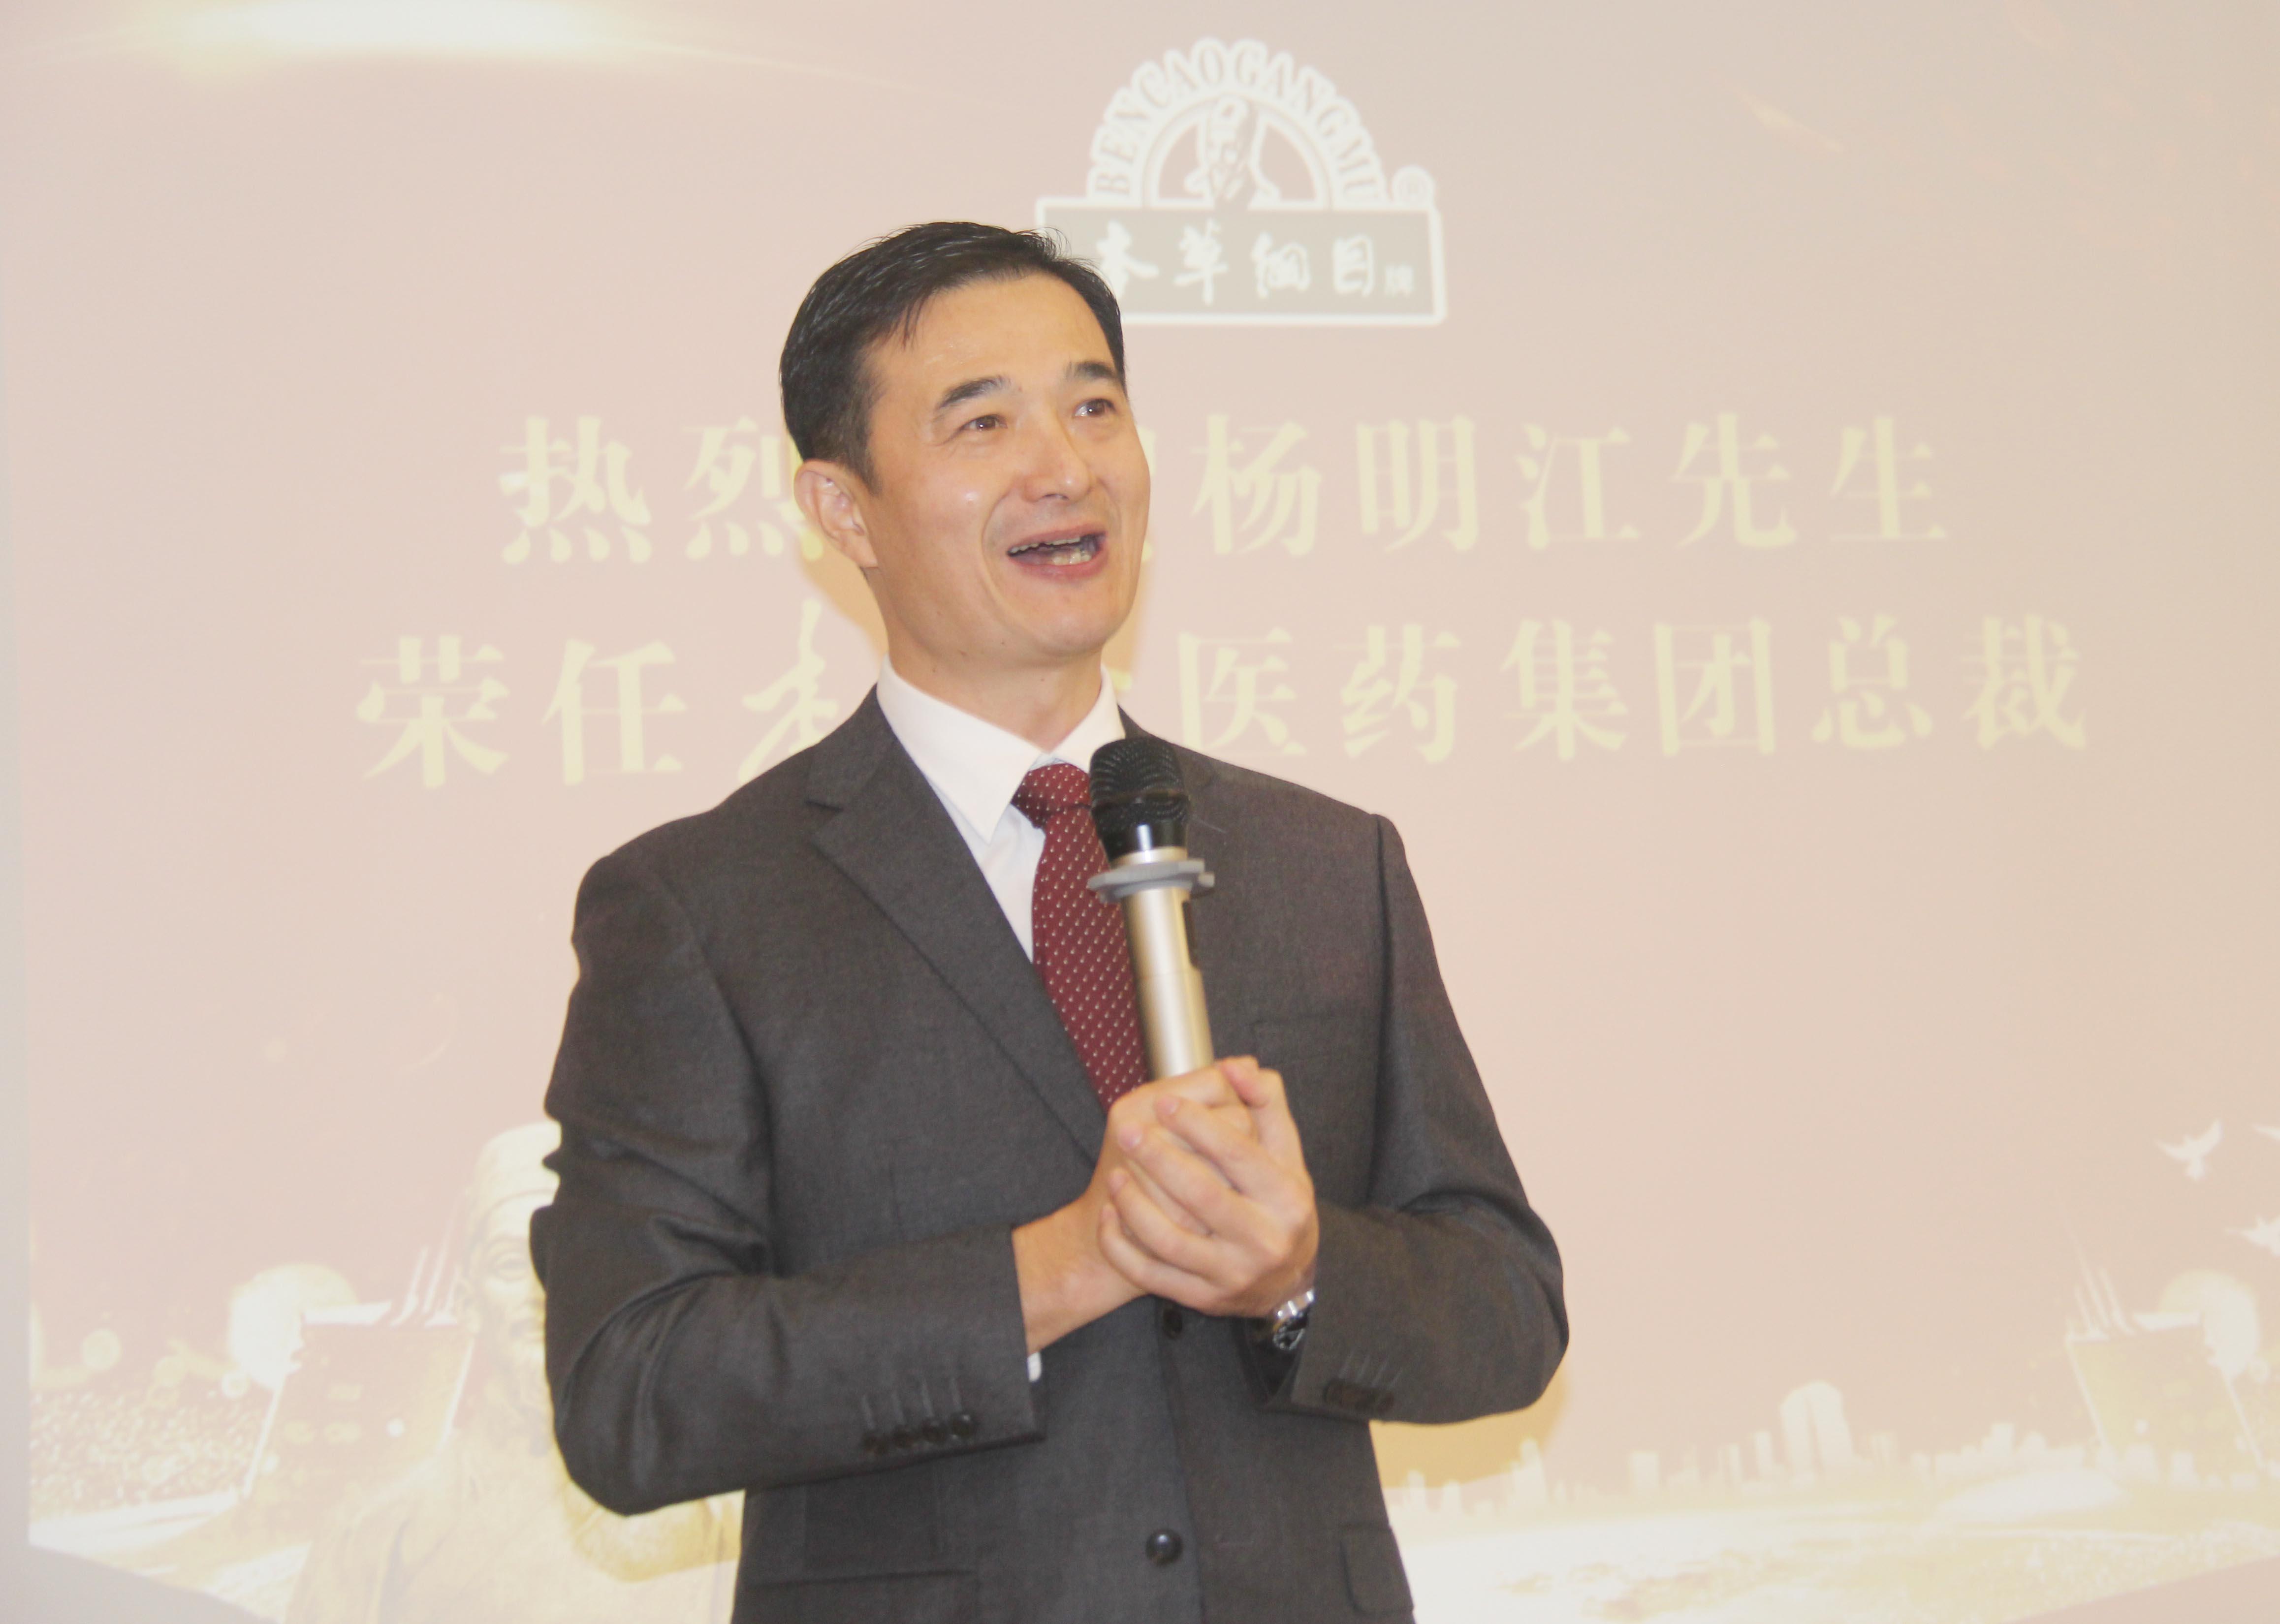 【重磅】杨明江接任李时珍医药集团总裁,交棒仪式在厦举行!